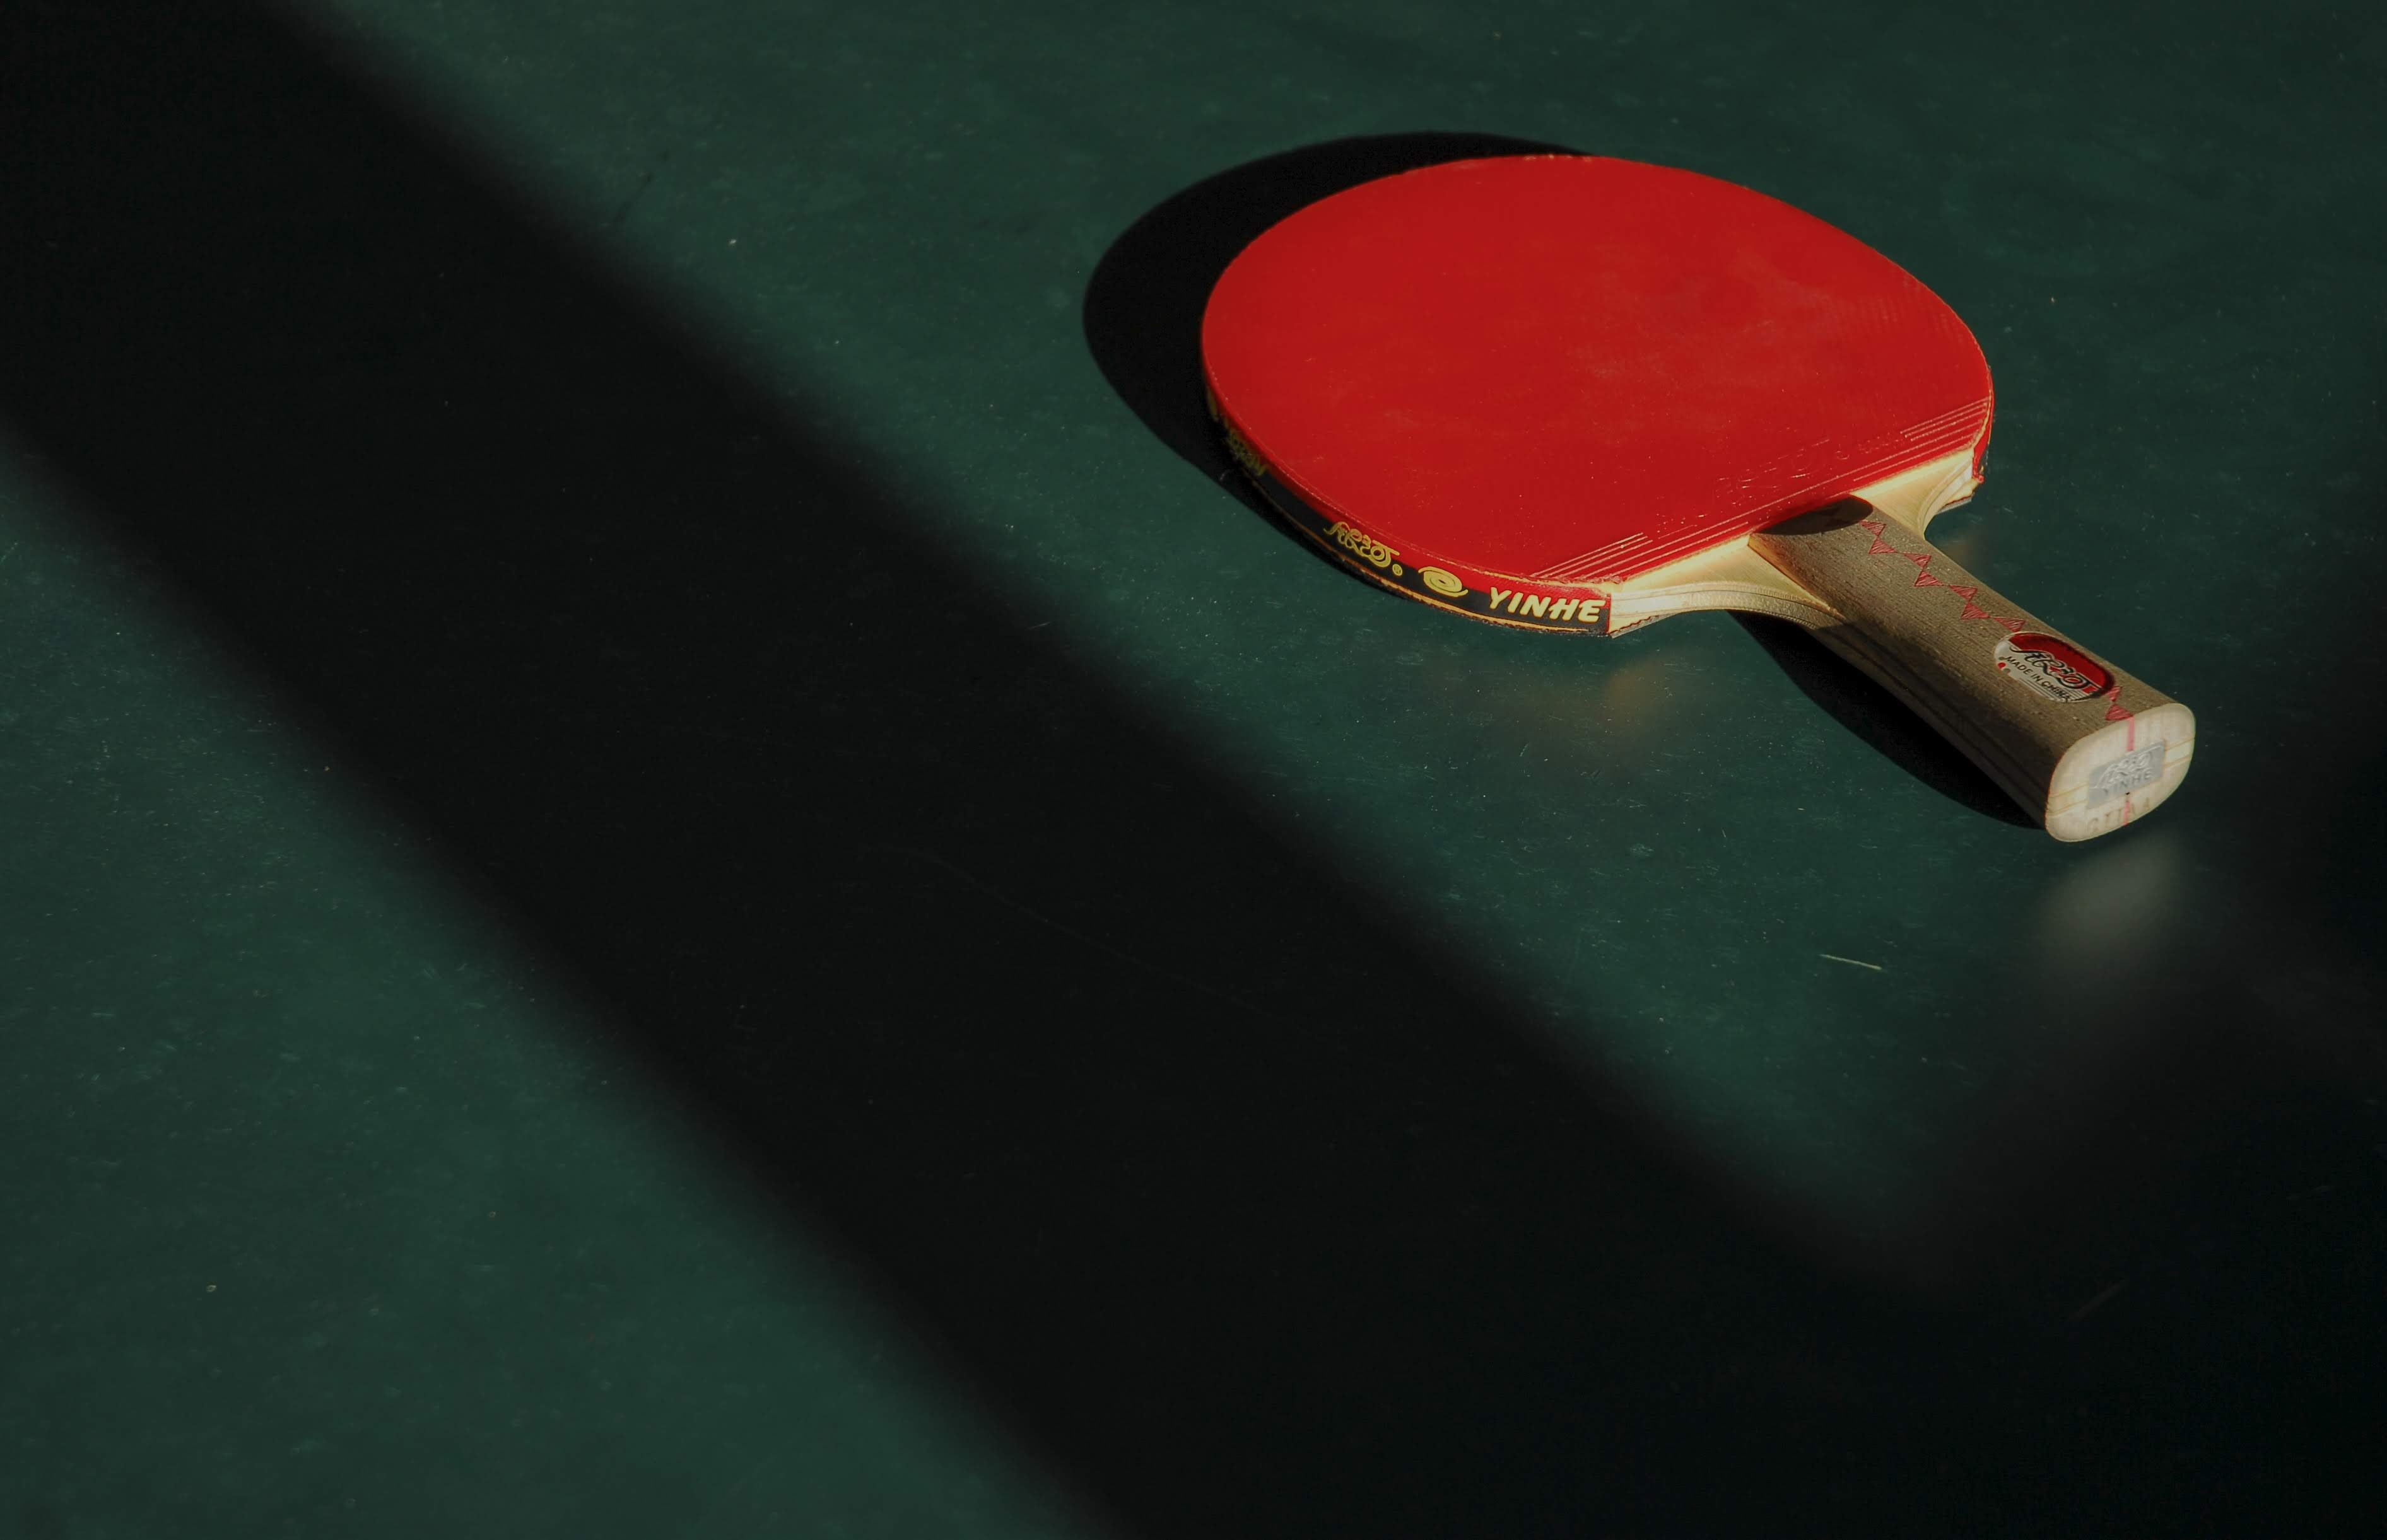 Beim Tischtennisturnier in der Superbude wird sportlich! - AINO Hamburg